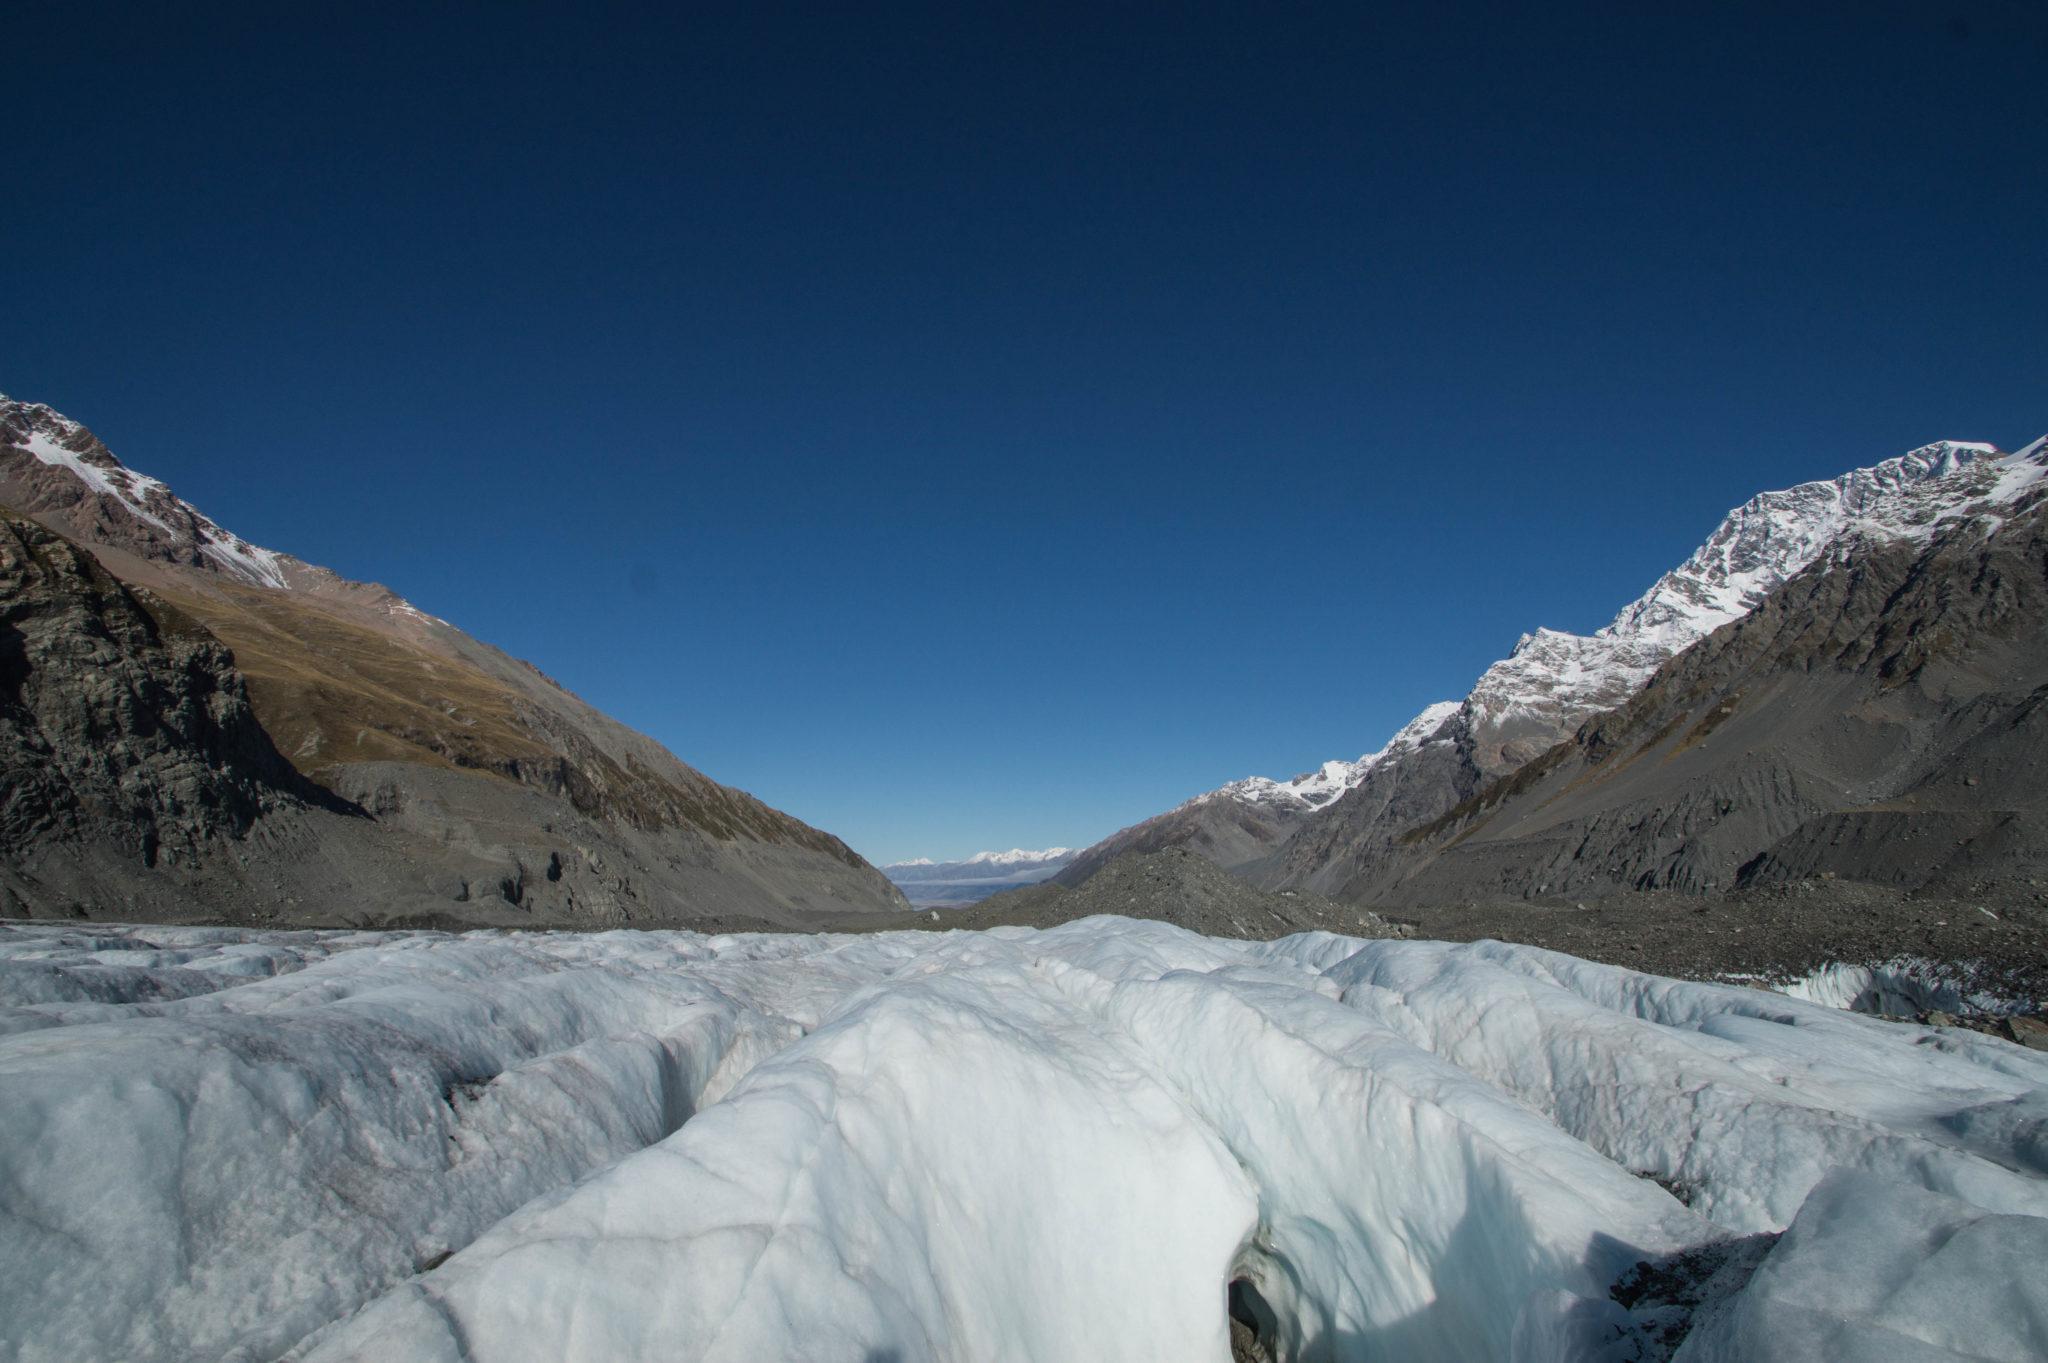 Mount Cook Neuseeland Gletscherwanderung: Ein einmaliger Anblick